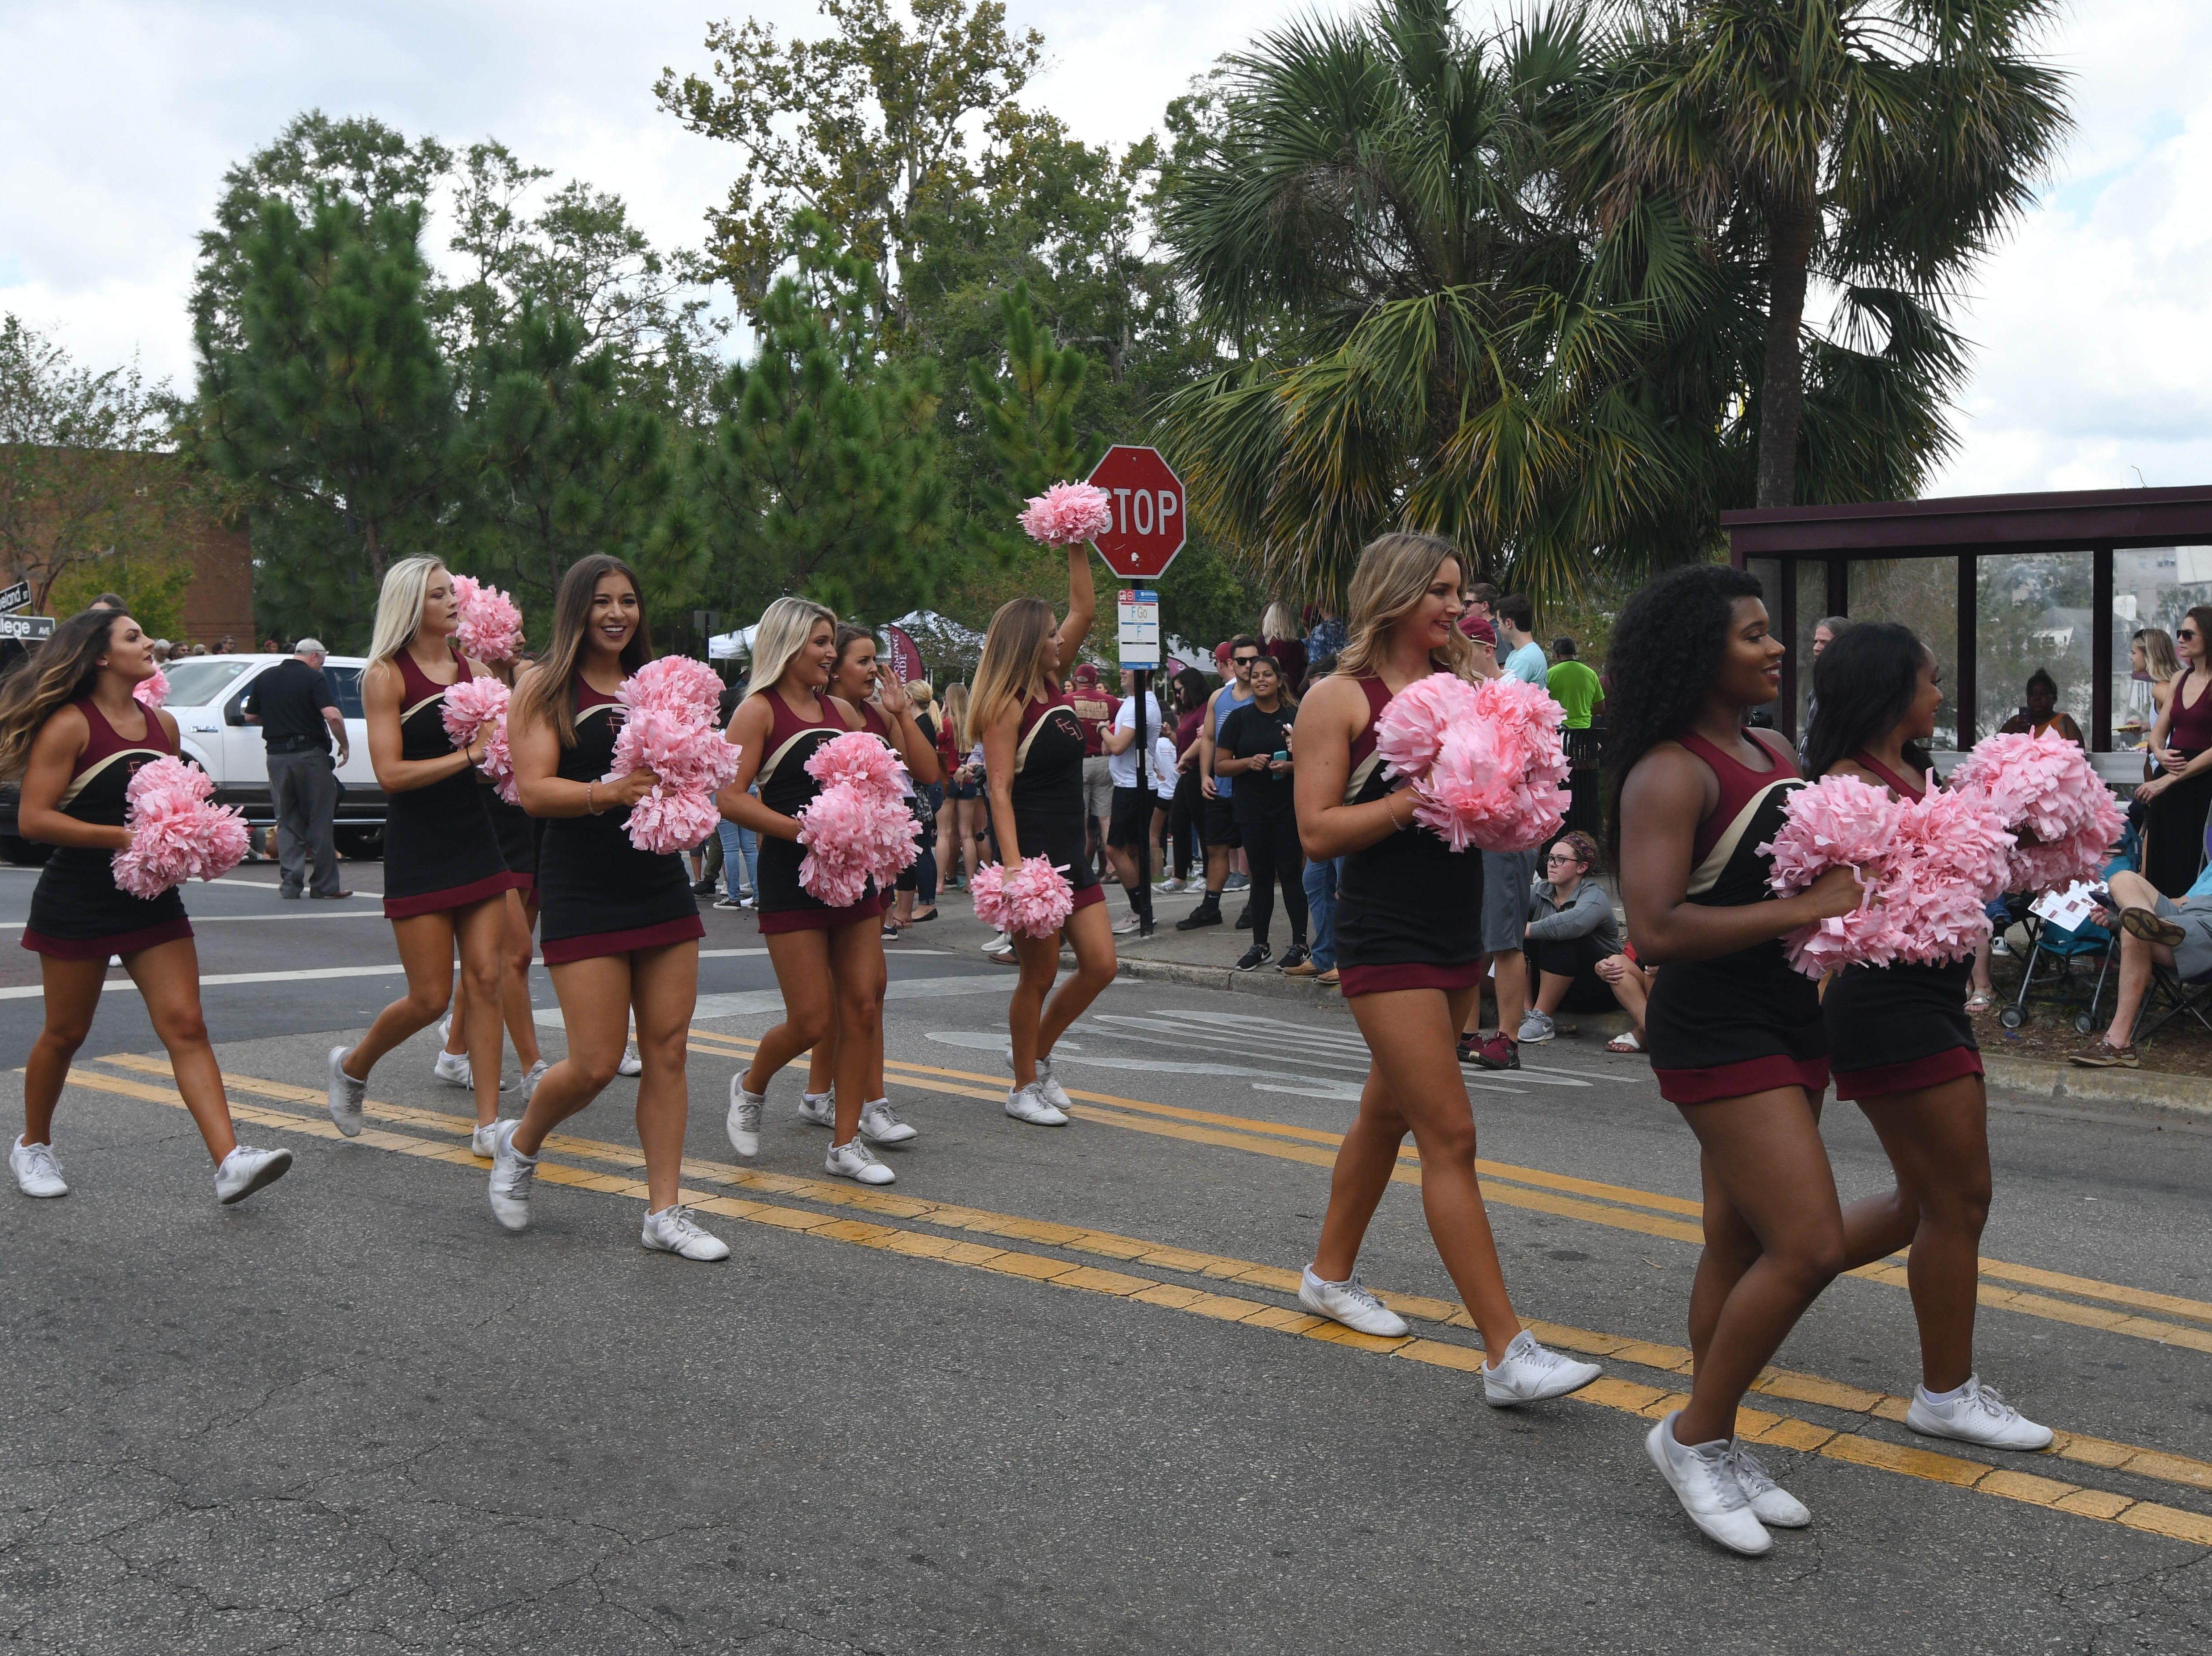 FSU Cheerleaders at the 2018 Homecoming Parade on October 19, 2018.